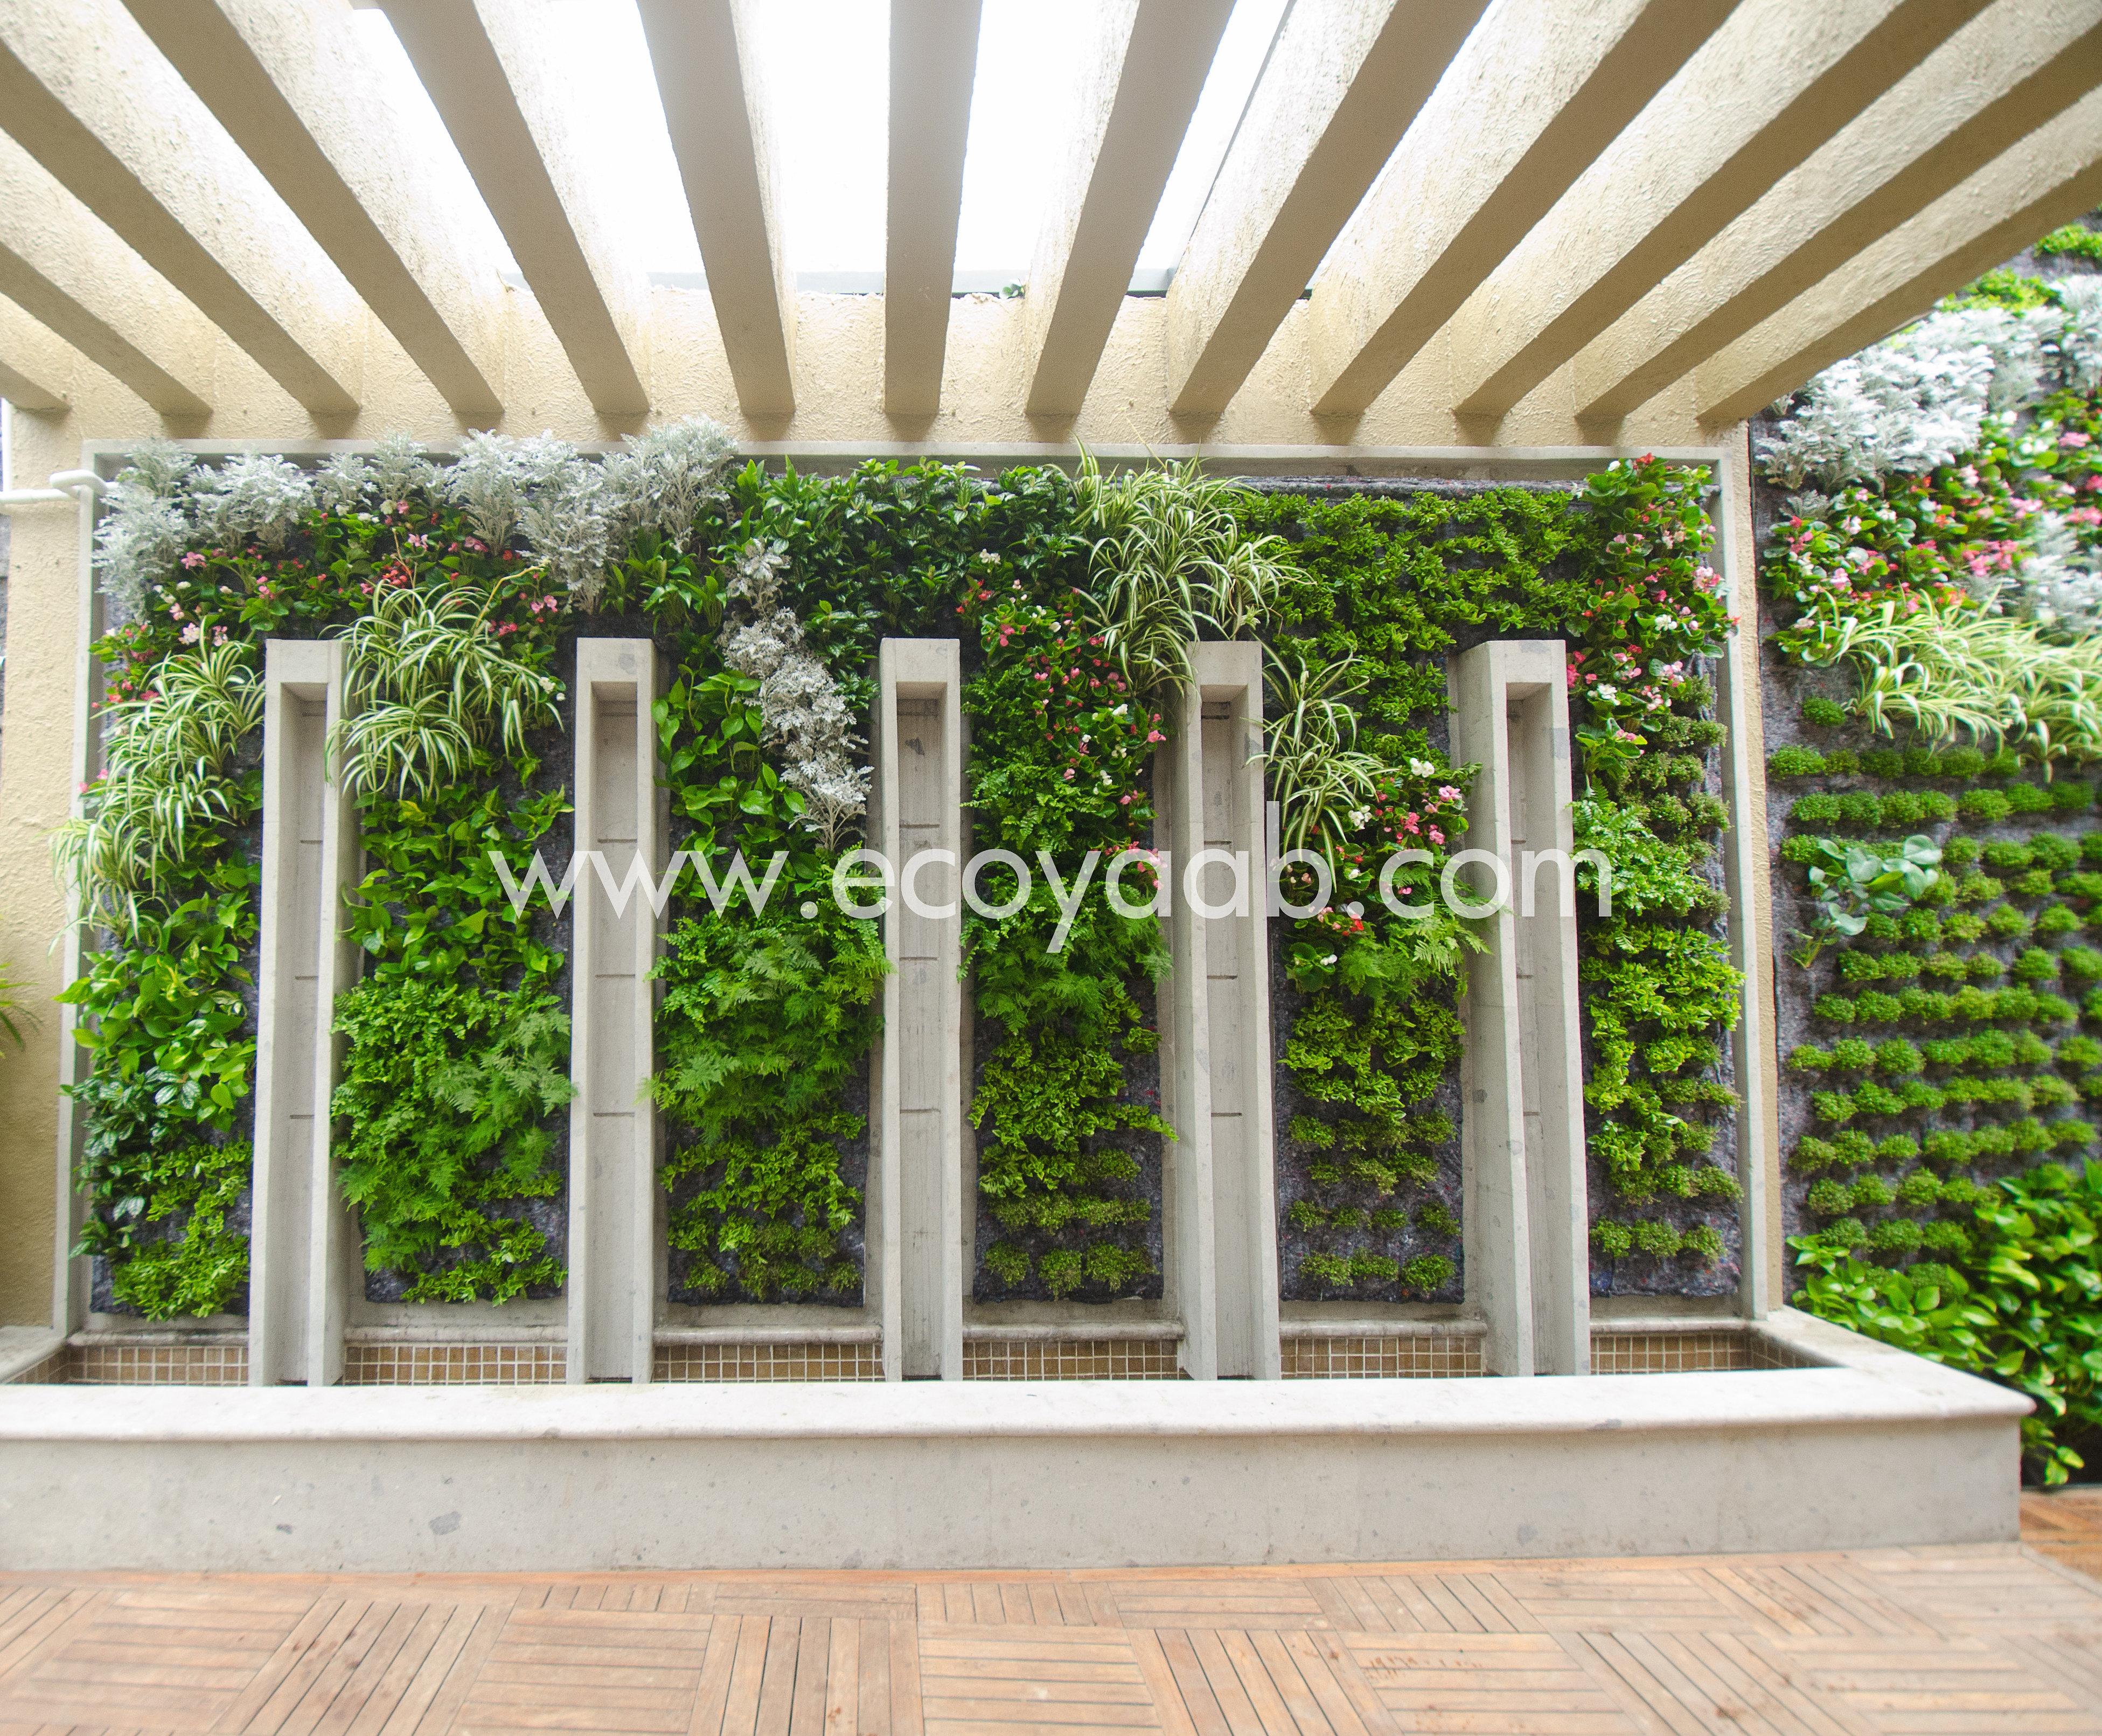 Fachadas con jardines verticales for Diseno de muros verdes